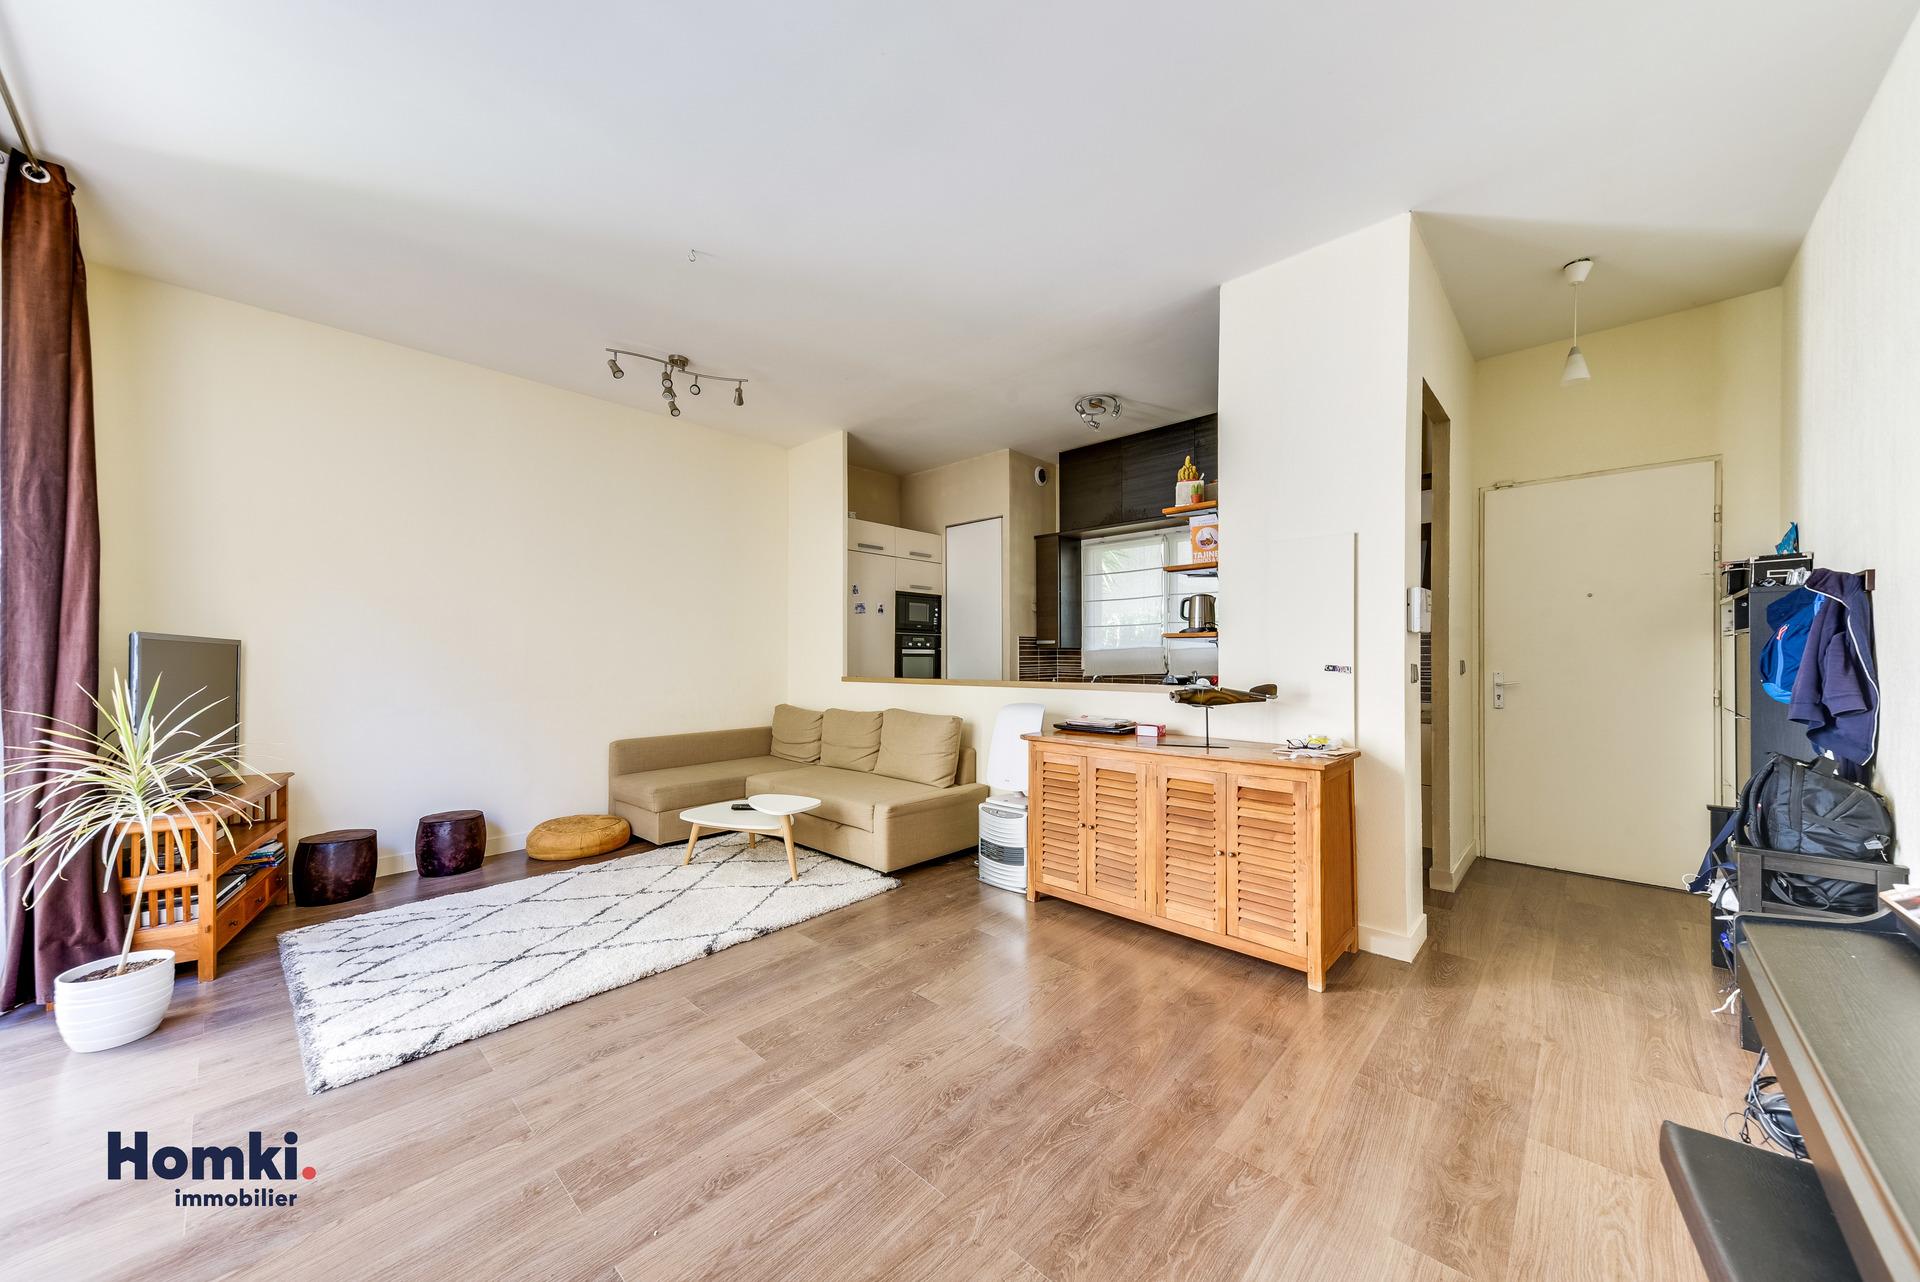 Vente Appartement 105 m² T4 13002_3